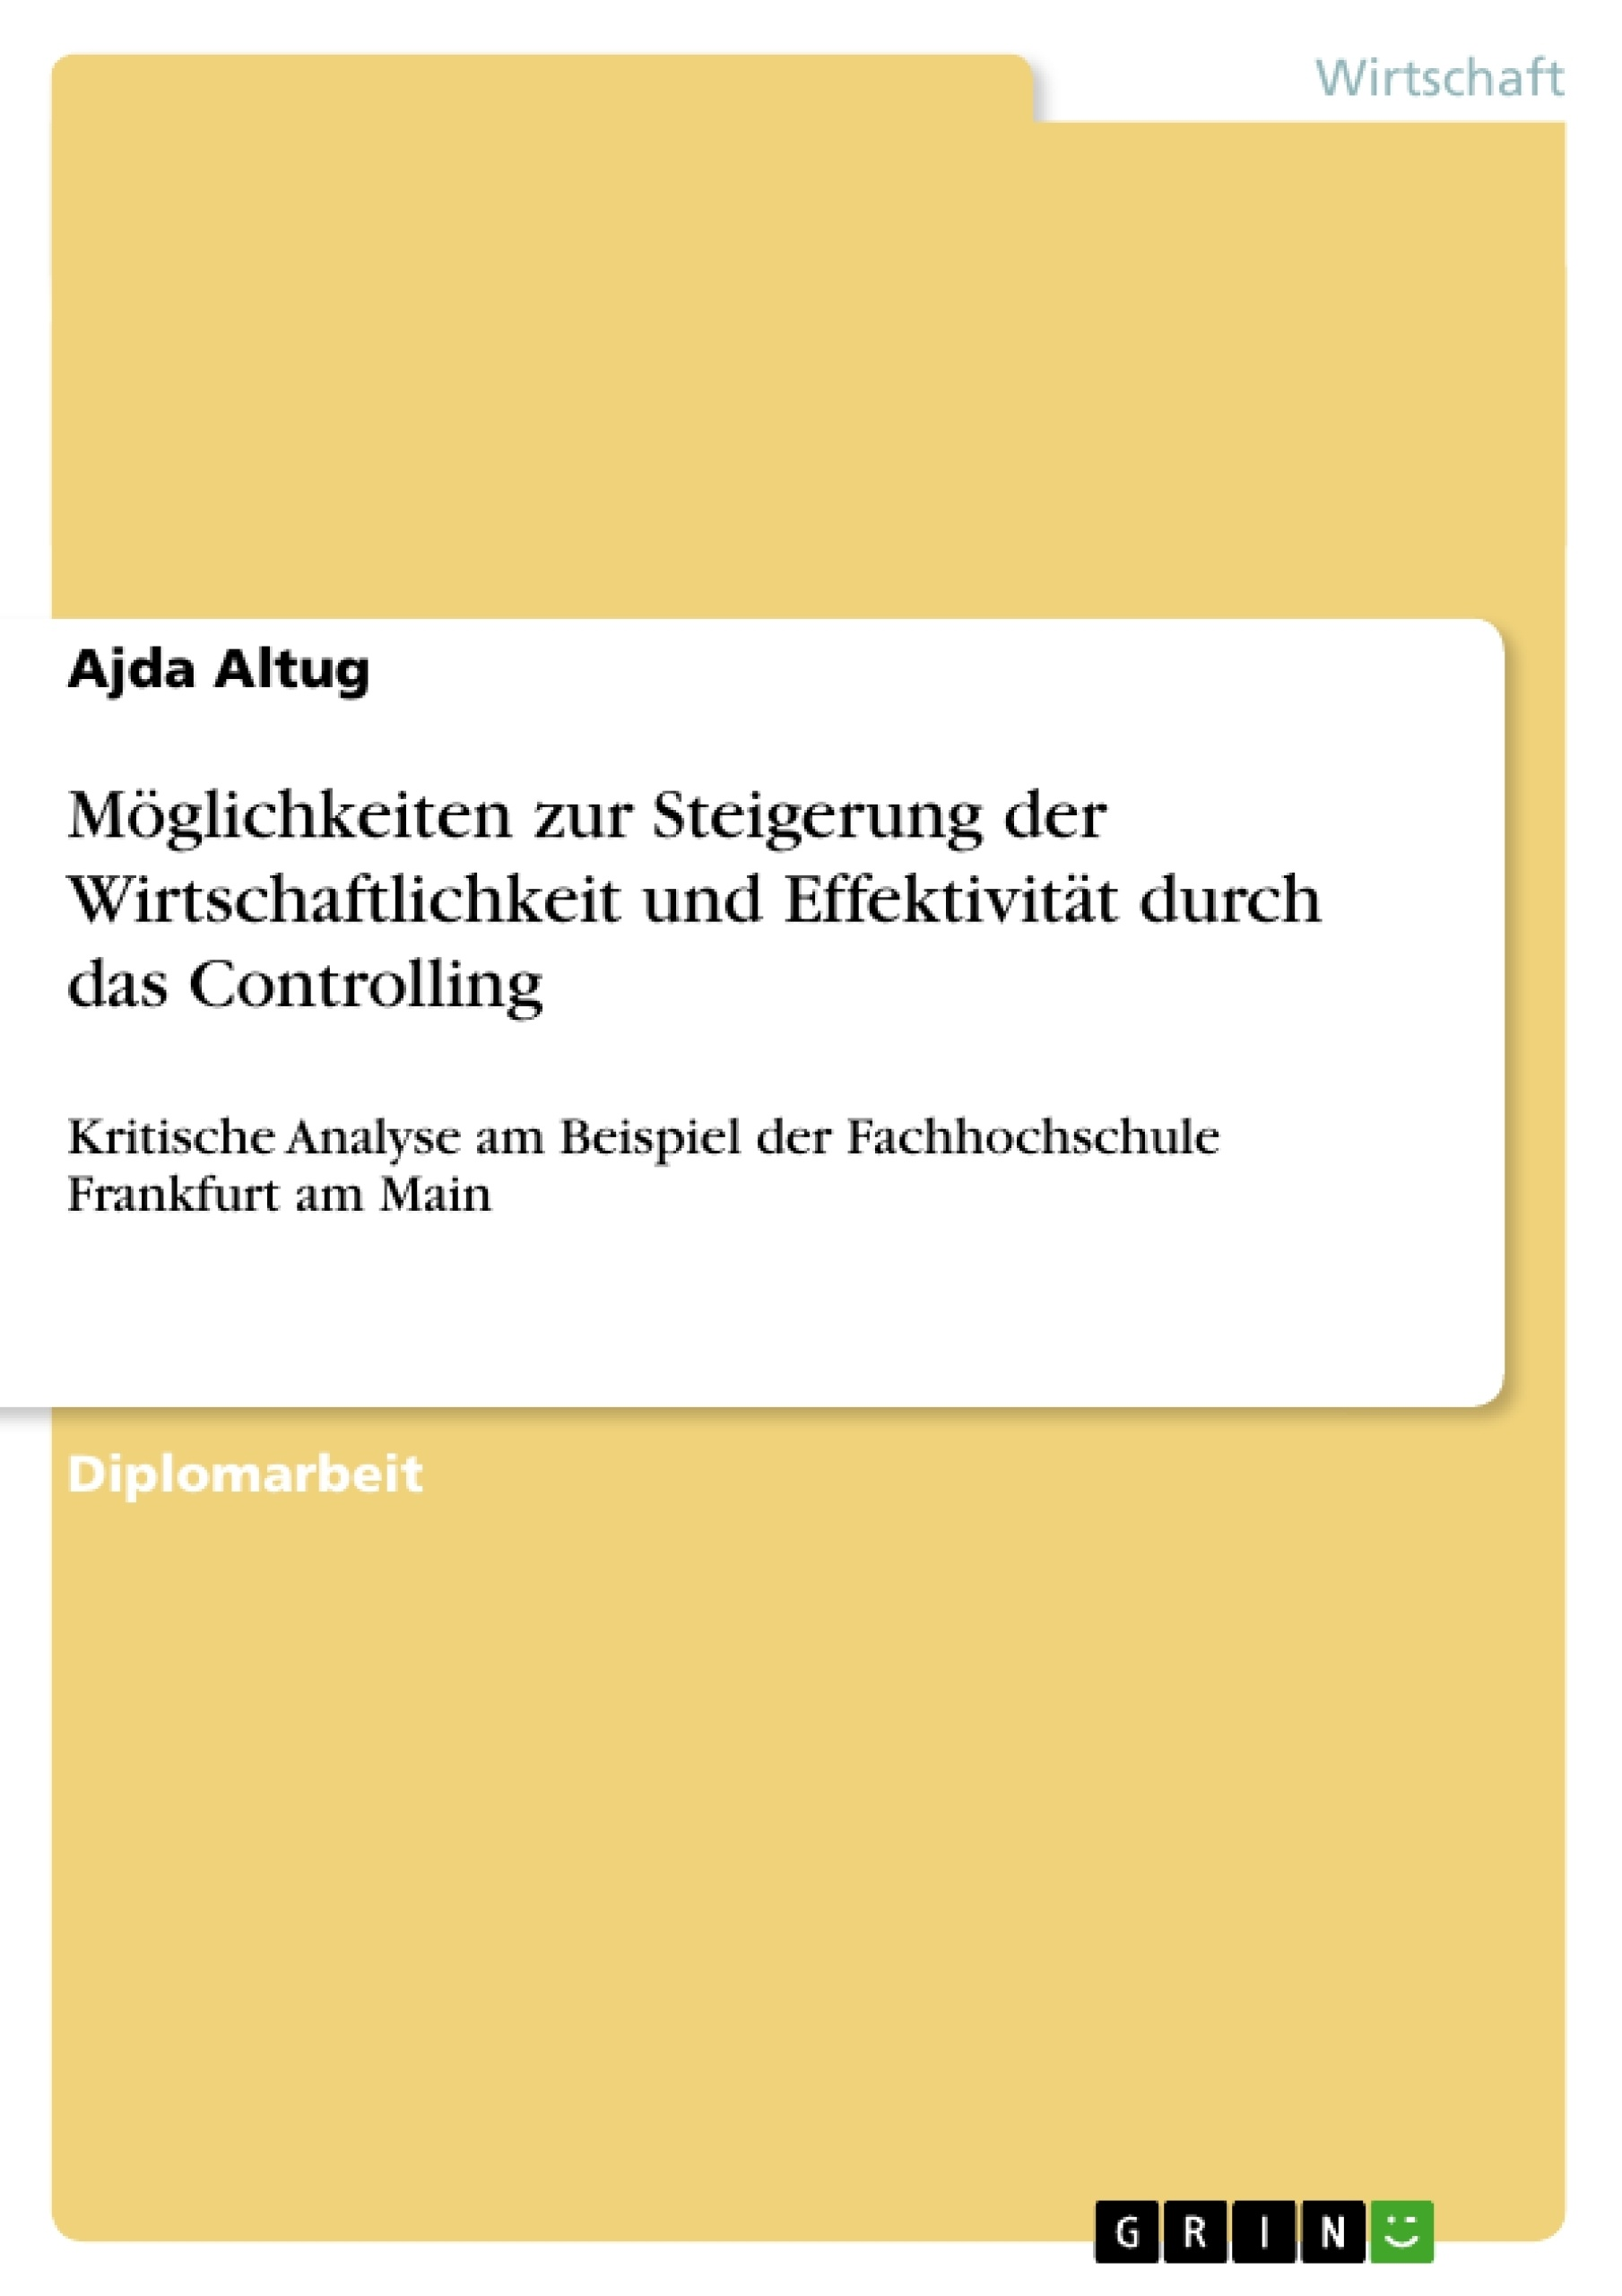 Titel: Möglichkeiten zur Steigerung der Wirtschaftlichkeit und Effektivität durch das Controlling